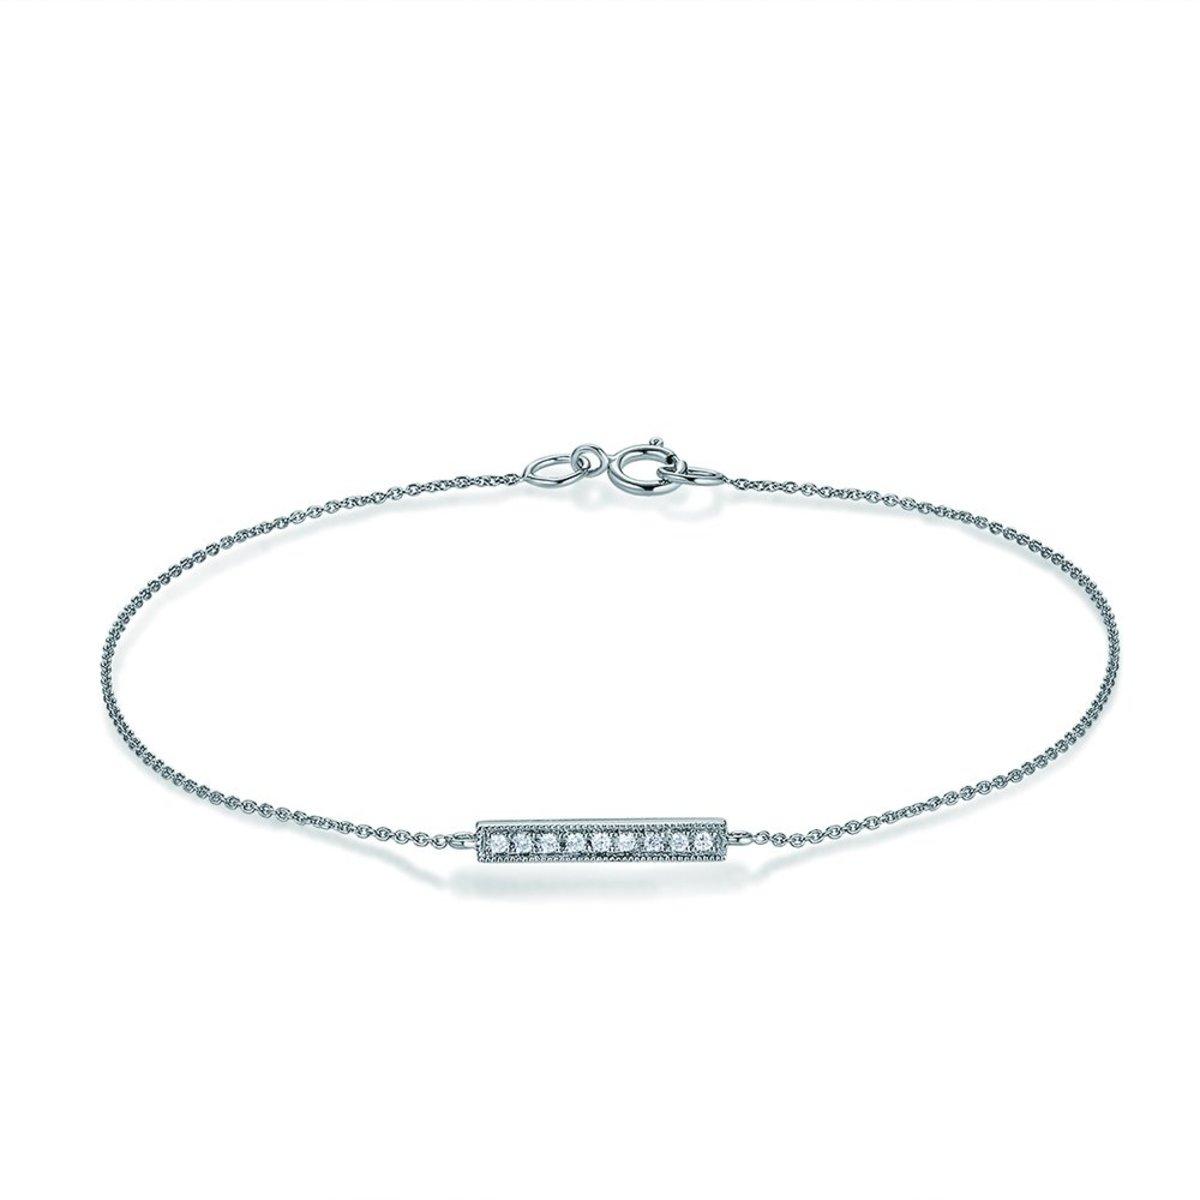 18K白金鑽石長條手鍊(0.04克拉總重量)(165mm)